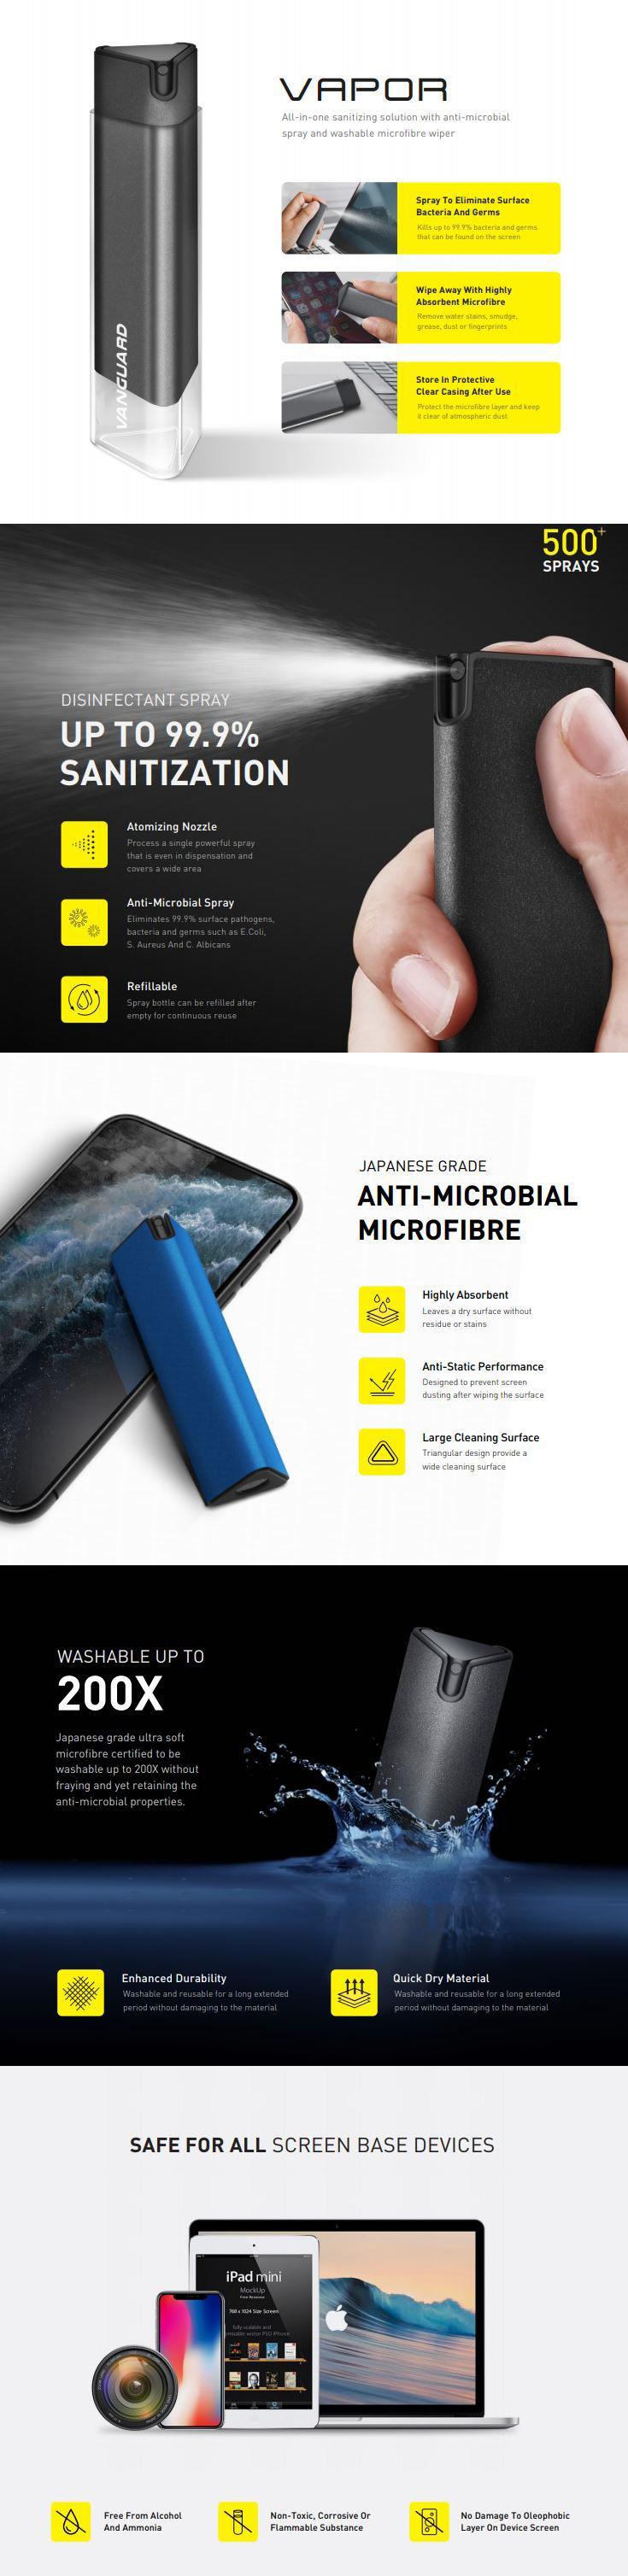 اسپری تمیز کننده ویوا مادرید مدل Vapor Anti-Microbial Spray & Washable Microfibre Wiper